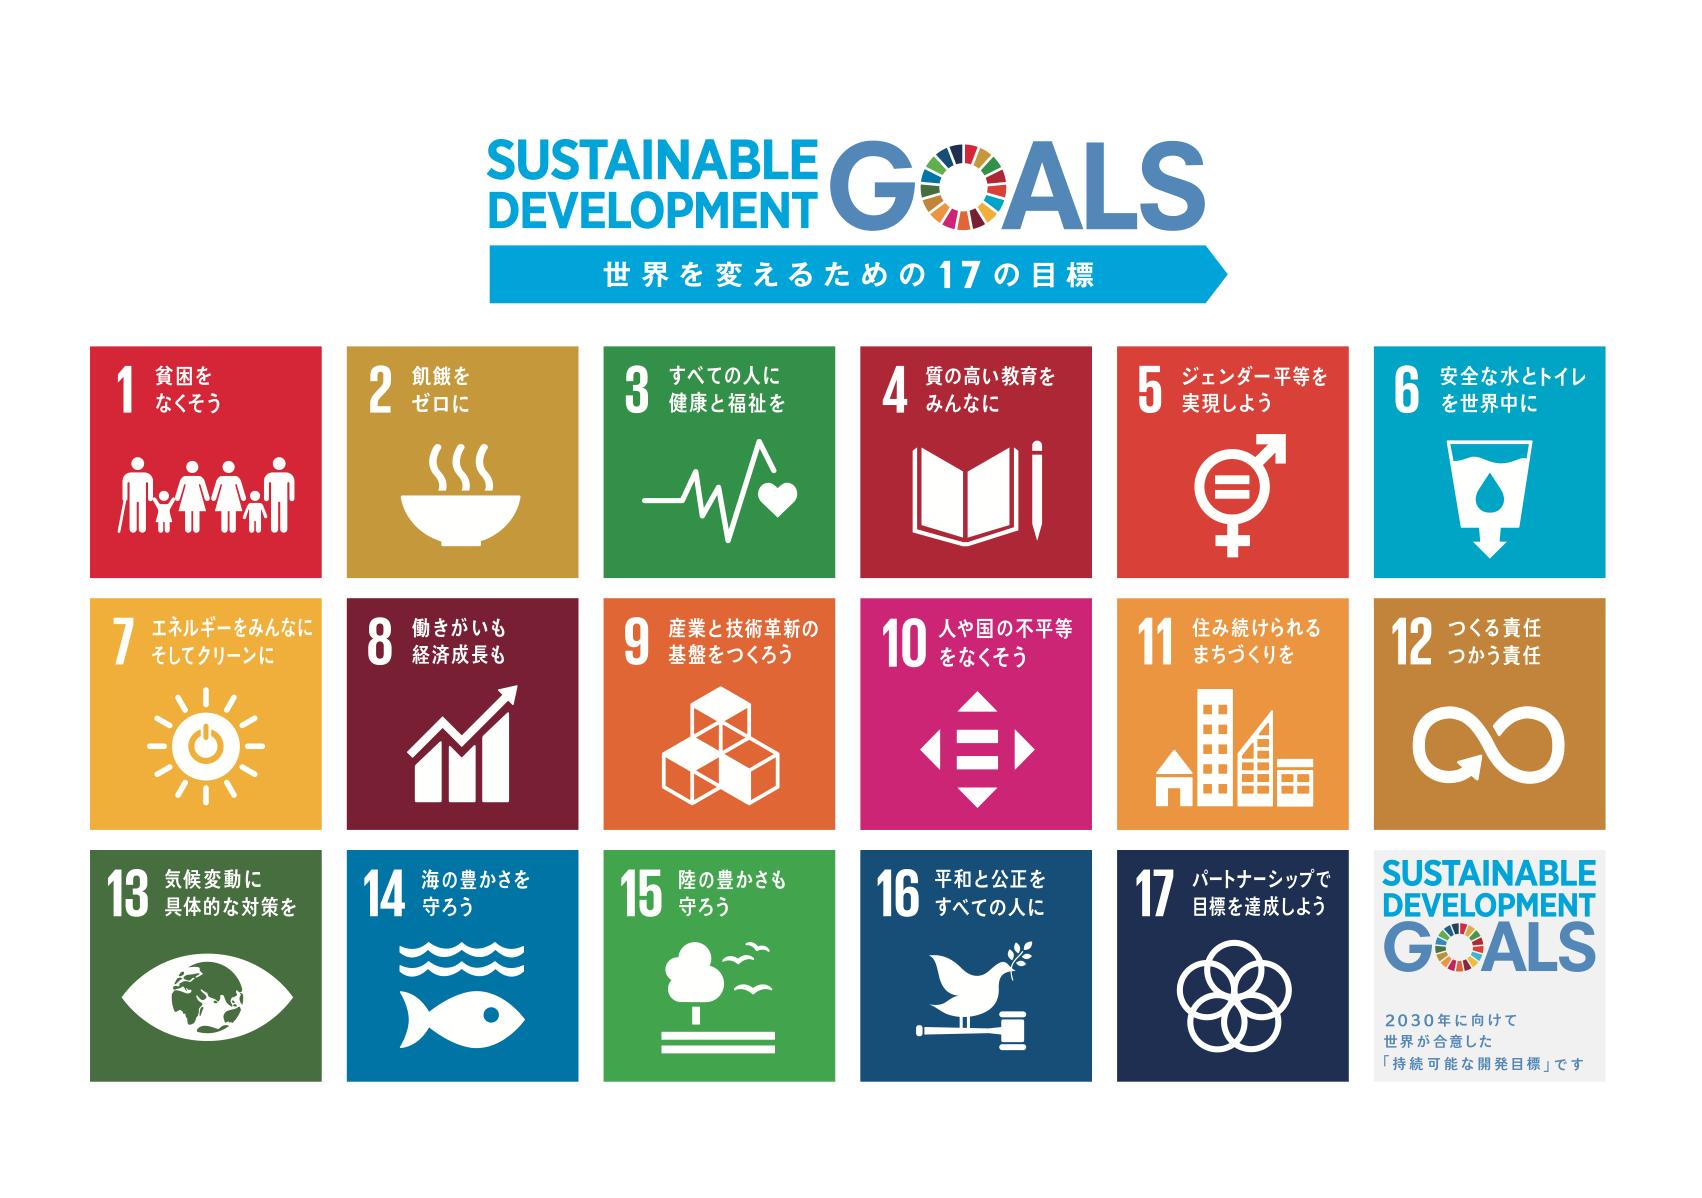 大崎市初開催!! 2030 SDGsカードゲーム in大崎